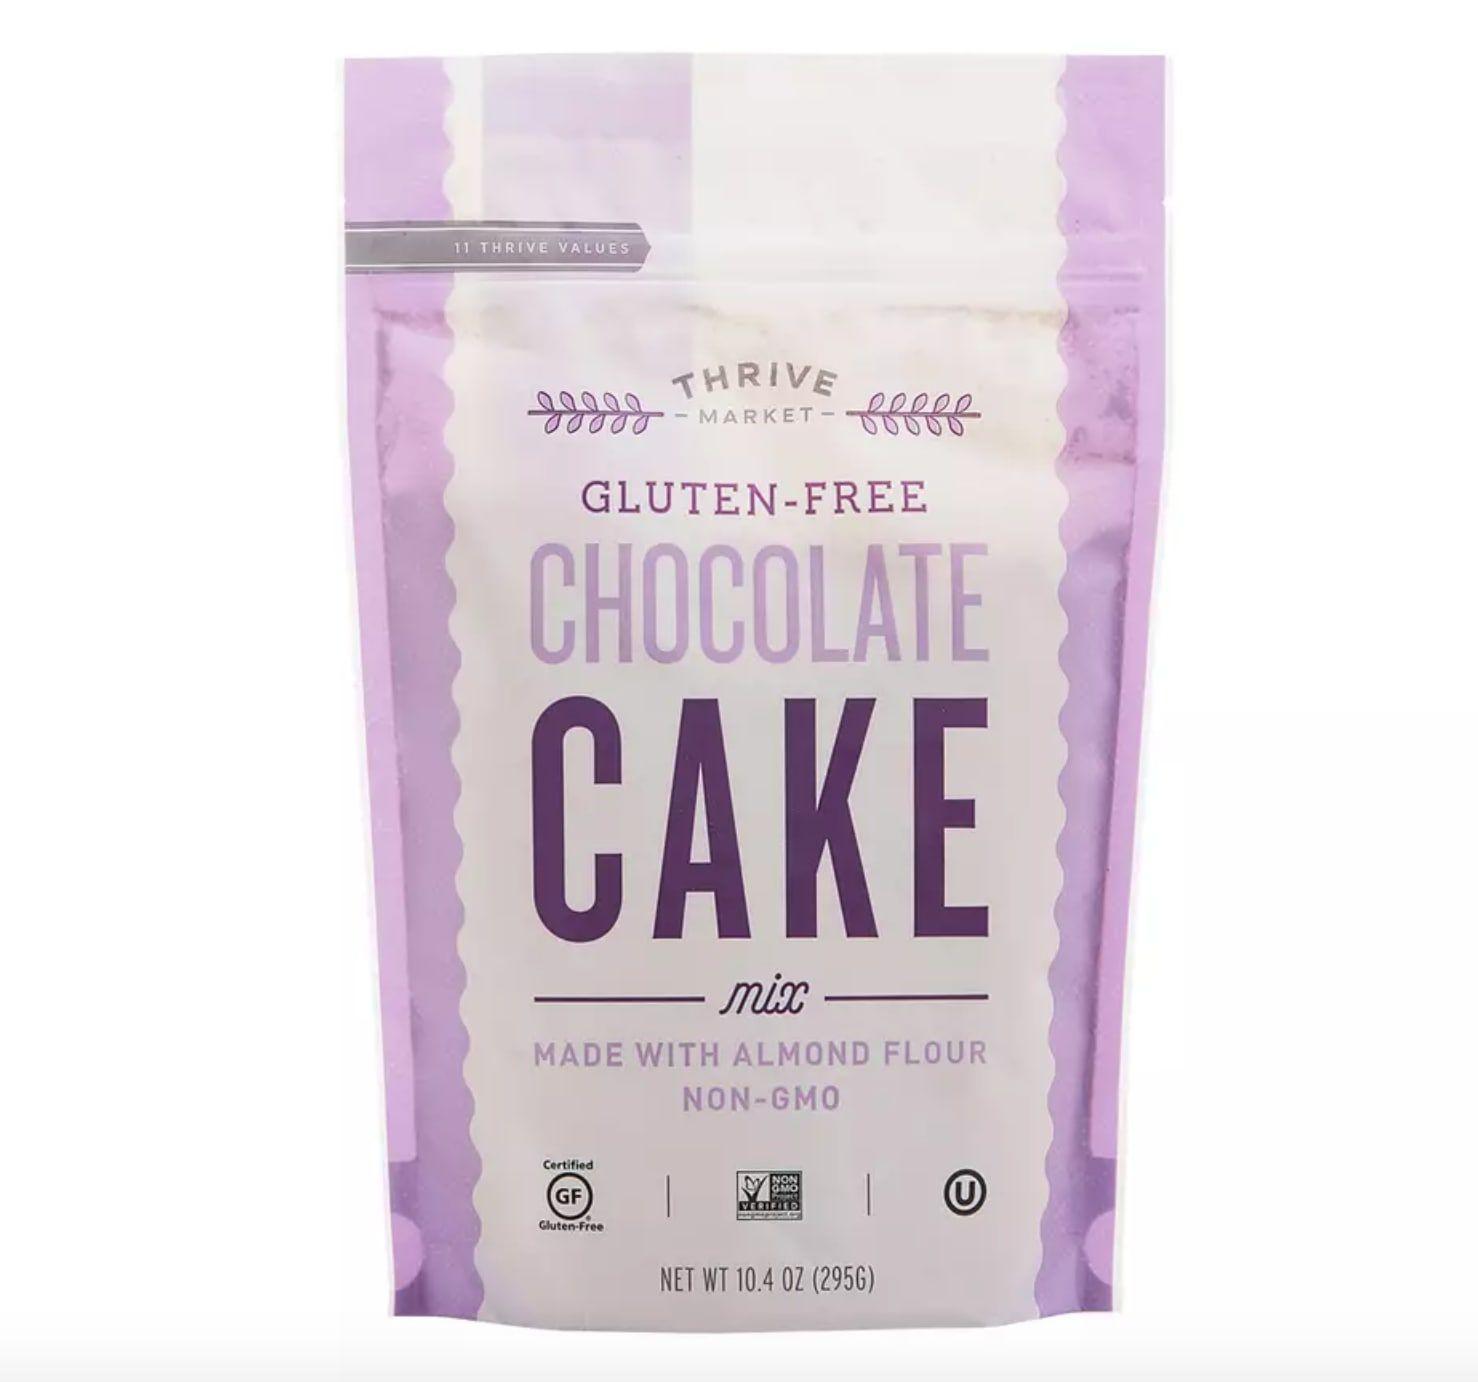 thrive-market-almond-flour-cake-mix